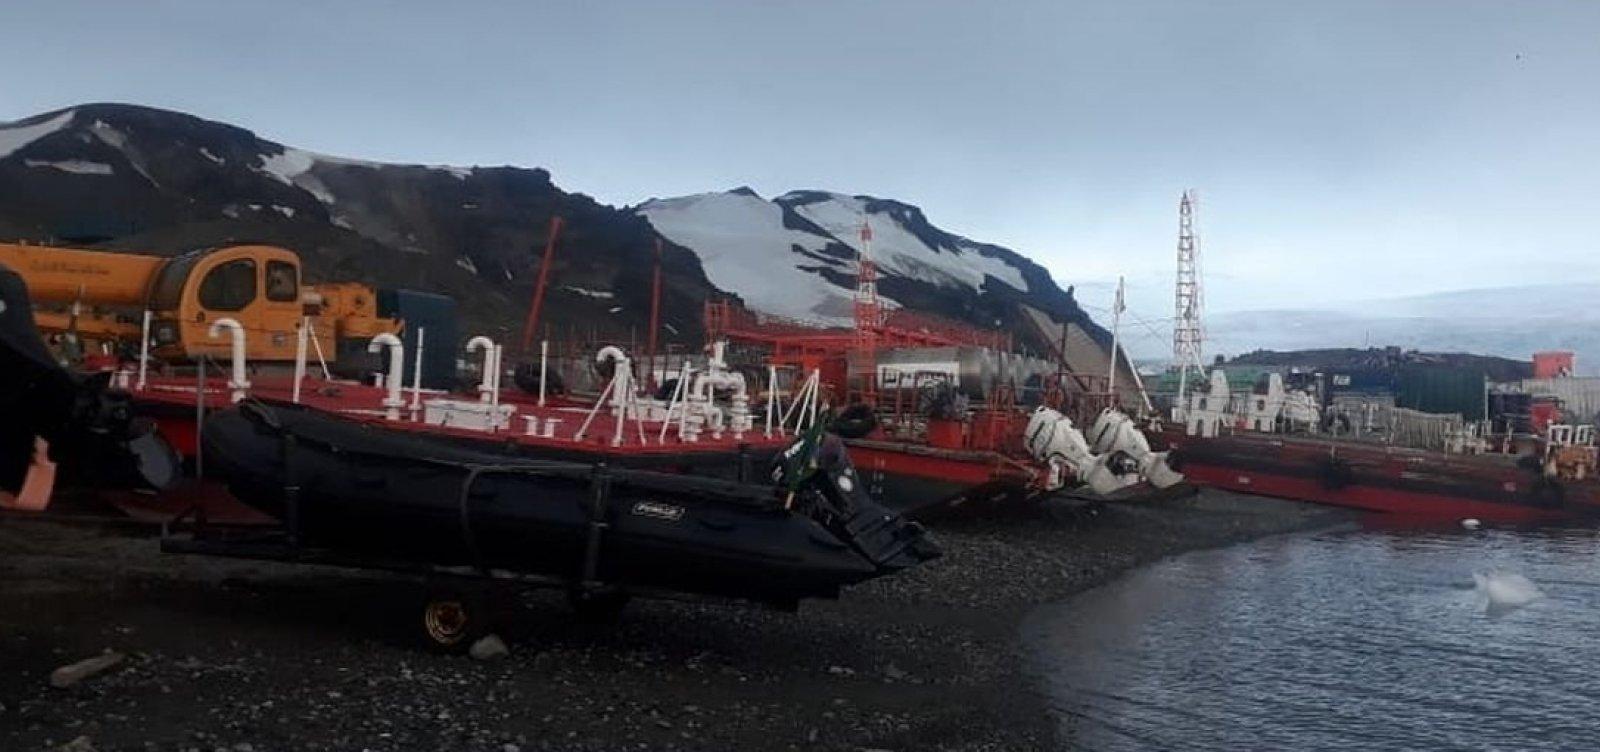 [Após incêndio, base de pesquisa na Antártica será reinaugurada hoje]